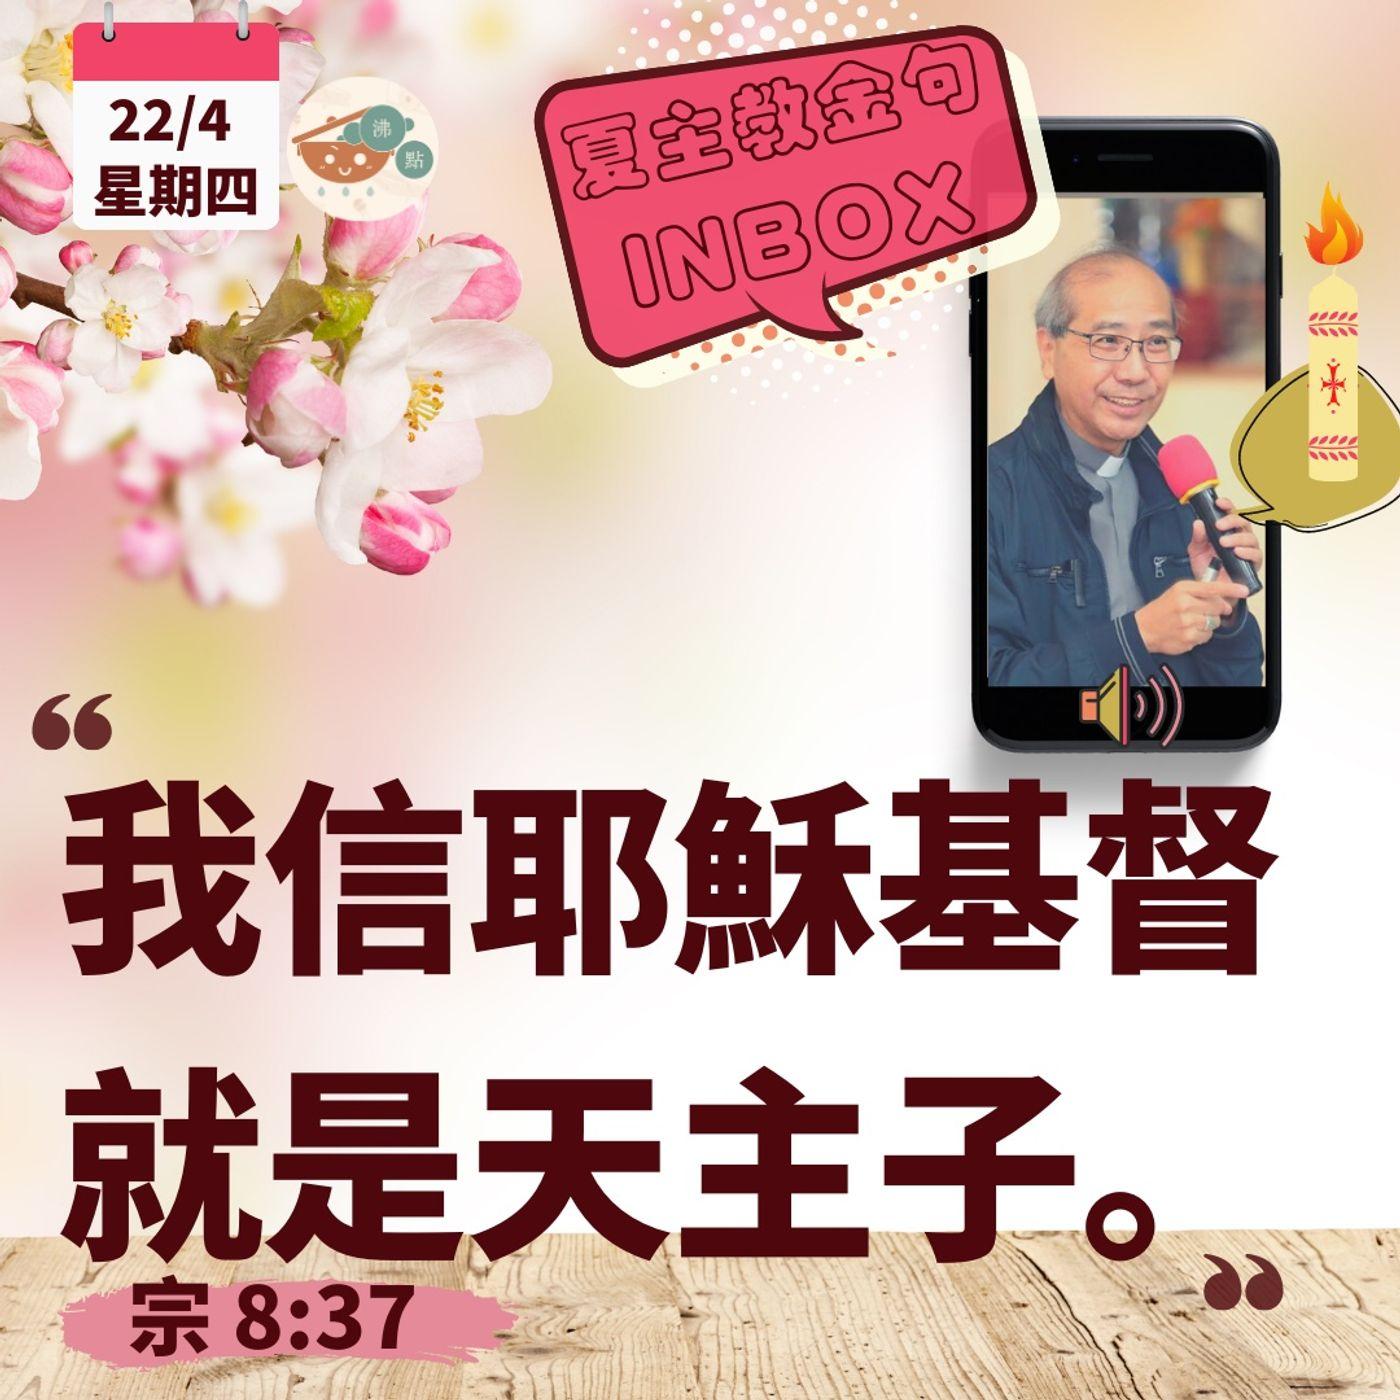 4月22日星期四【我信耶穌基督就是天主子】(宗8:37)